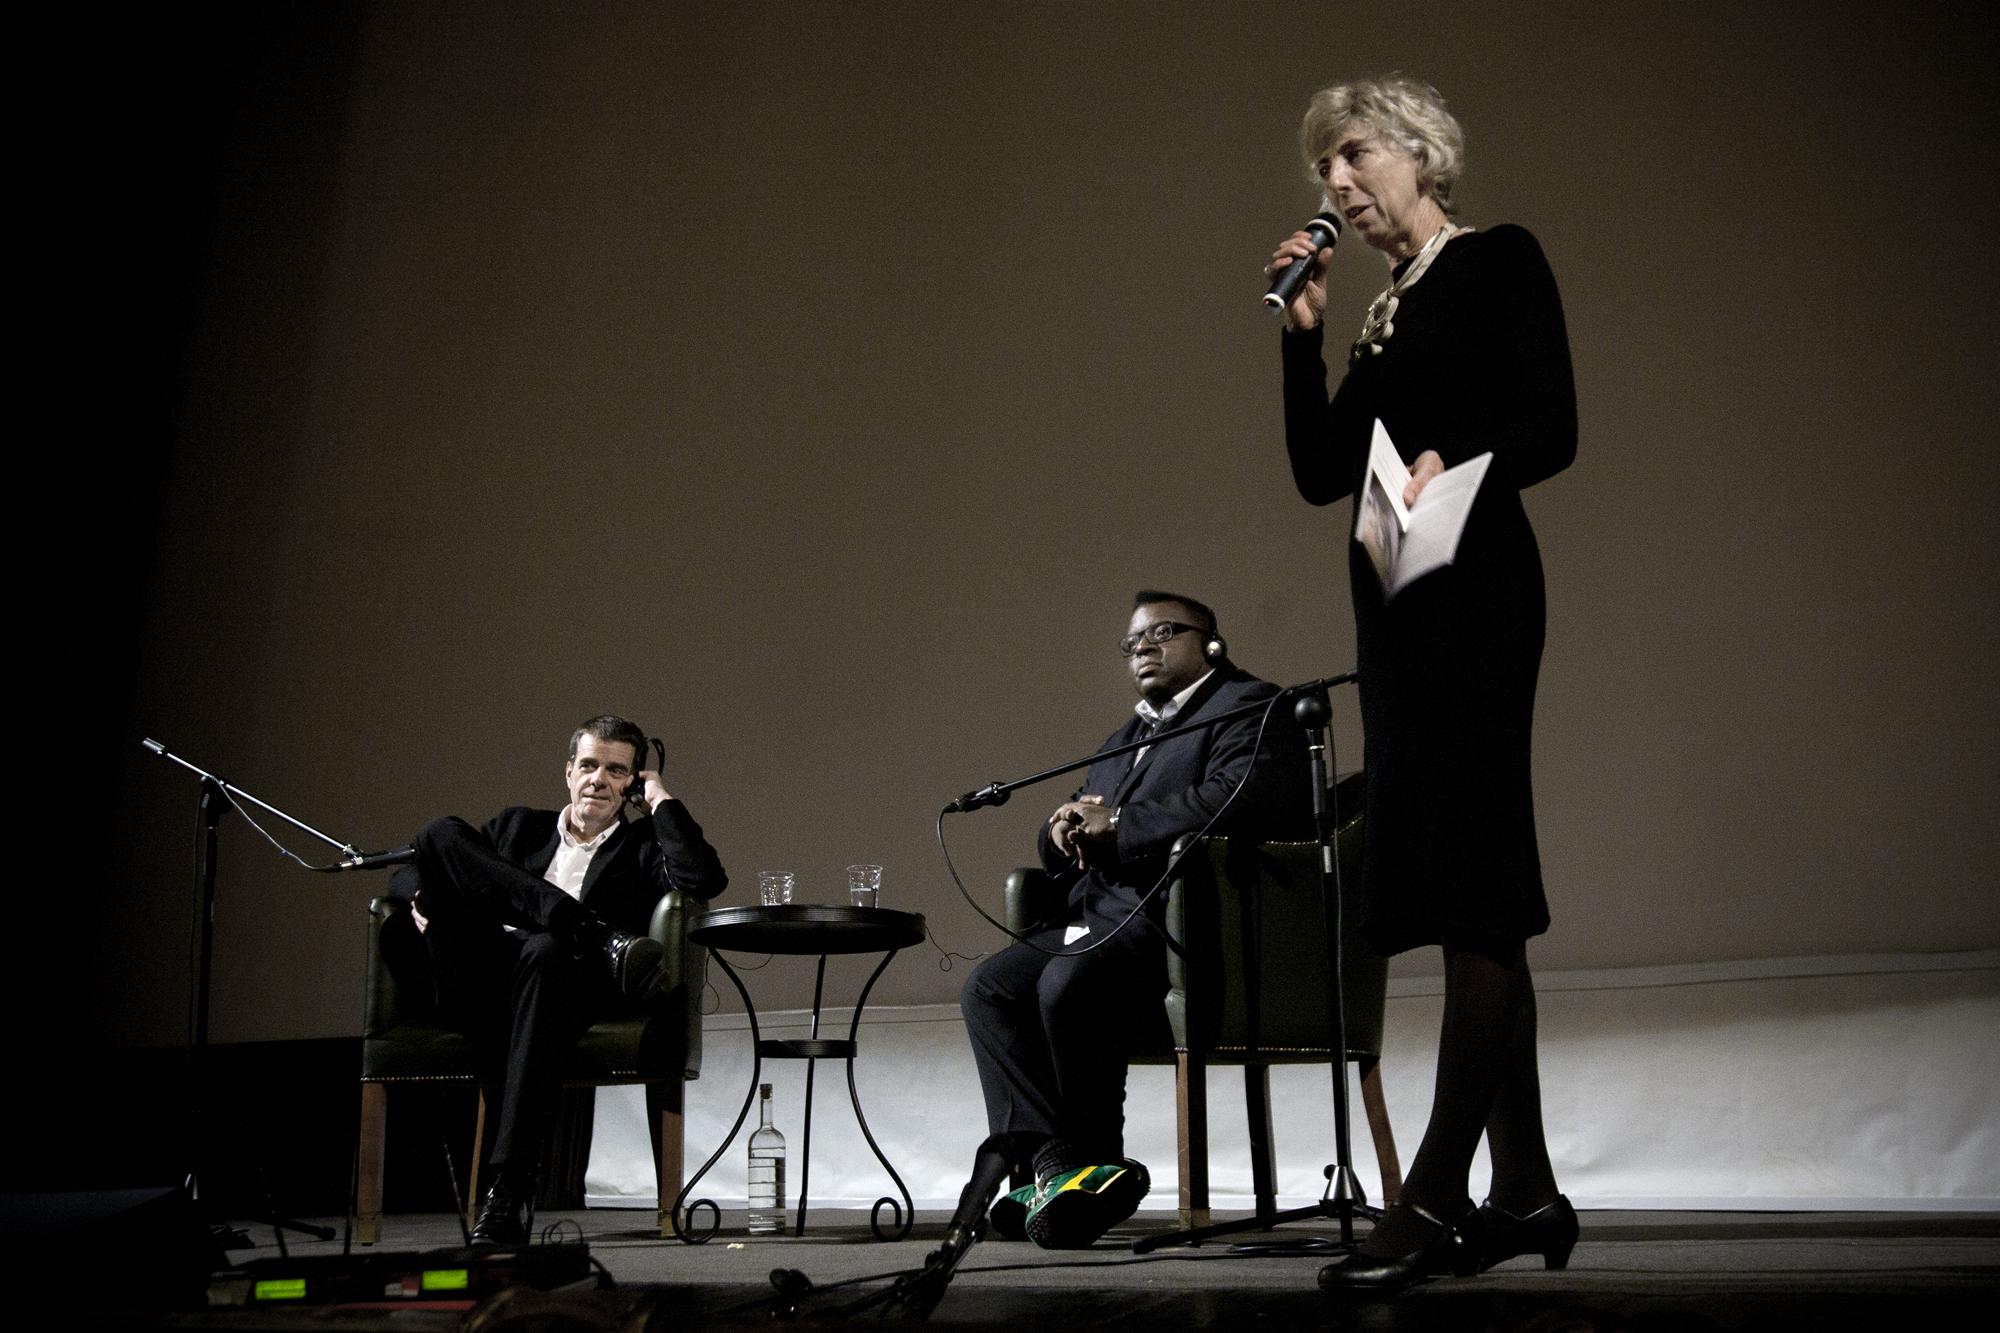 Lo-schermo-dellarte-Film-Festival-2012-Isaac-Julien-in-conversazione-con-Heinz-Peter-Schwerfel